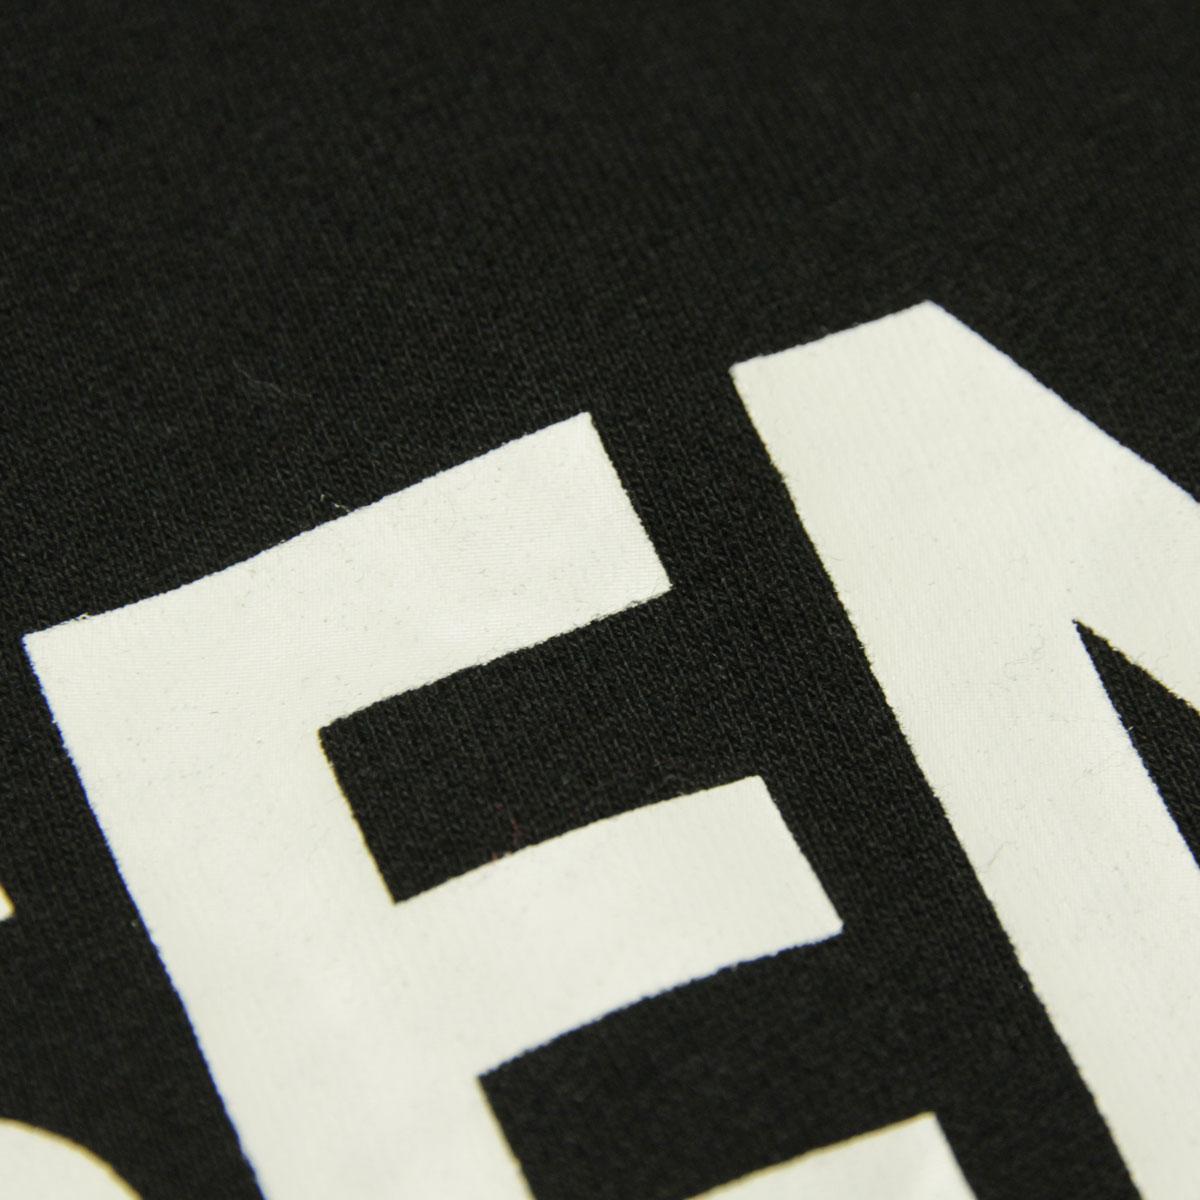 フィアオブゴッド パーカー メンズ 正規品 FEAR OF GOD プルオーバーパーカー  FOG - FEAR OF GOD ESSENTIALS GRAPHIC PULLOVER HOODIE BLACK AA5B B1C C1D D5E E13F